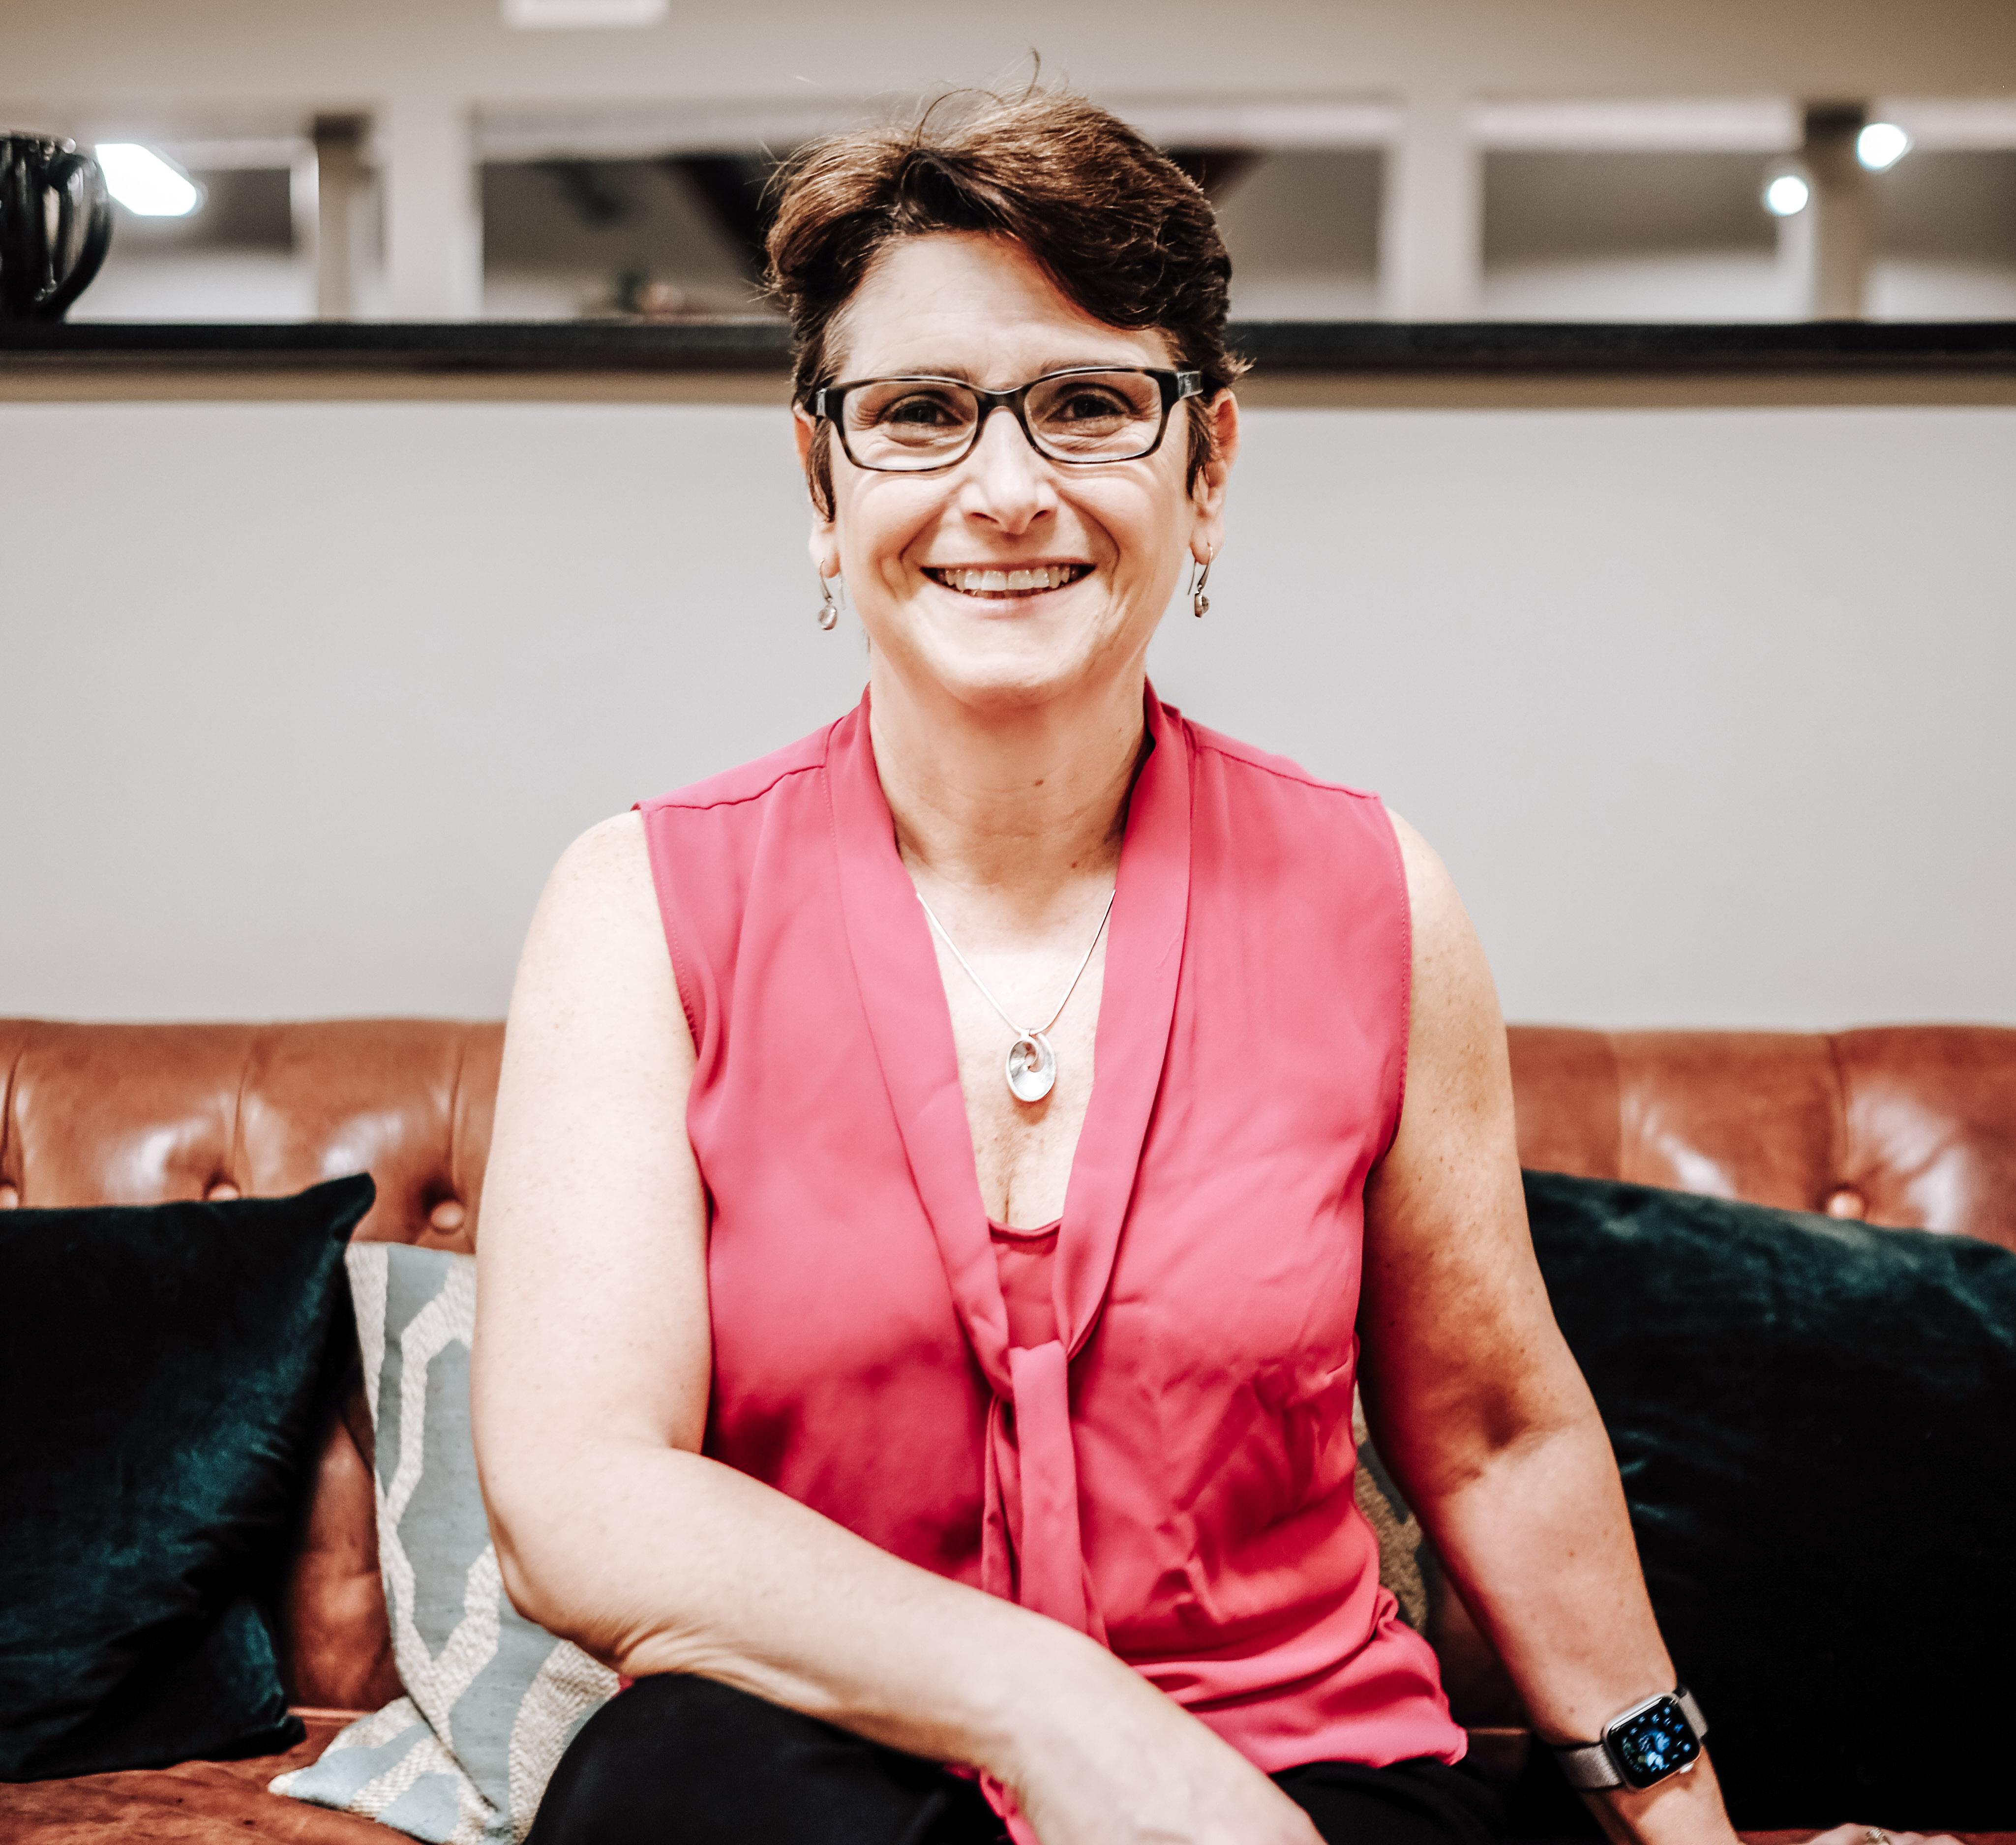 Allison Nussbaum